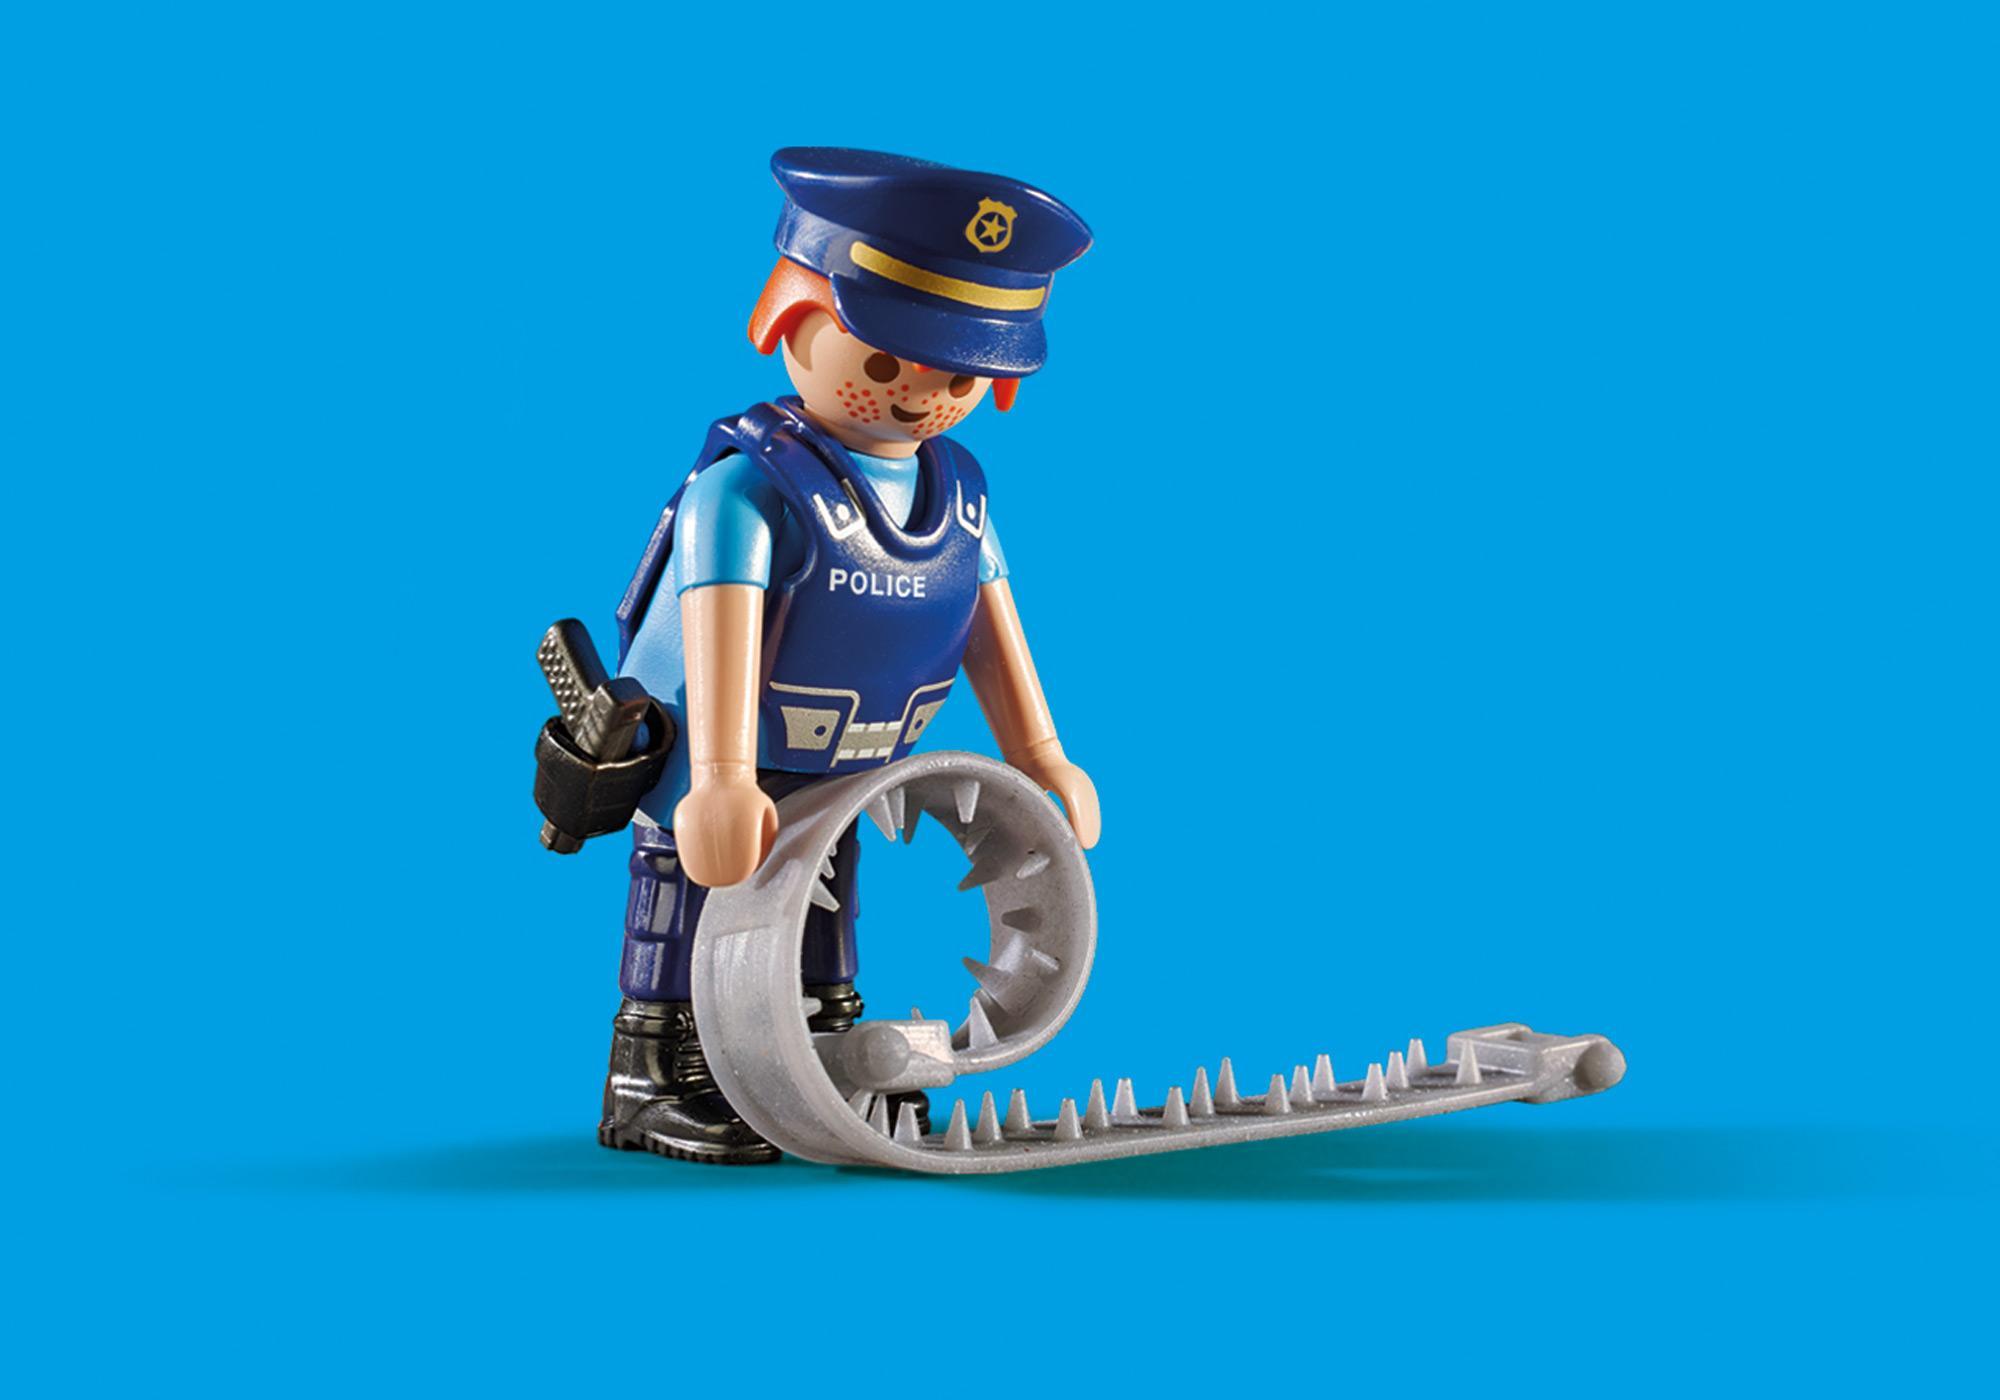 http://media.playmobil.com/i/playmobil/6924_product_extra1/Controlo policial